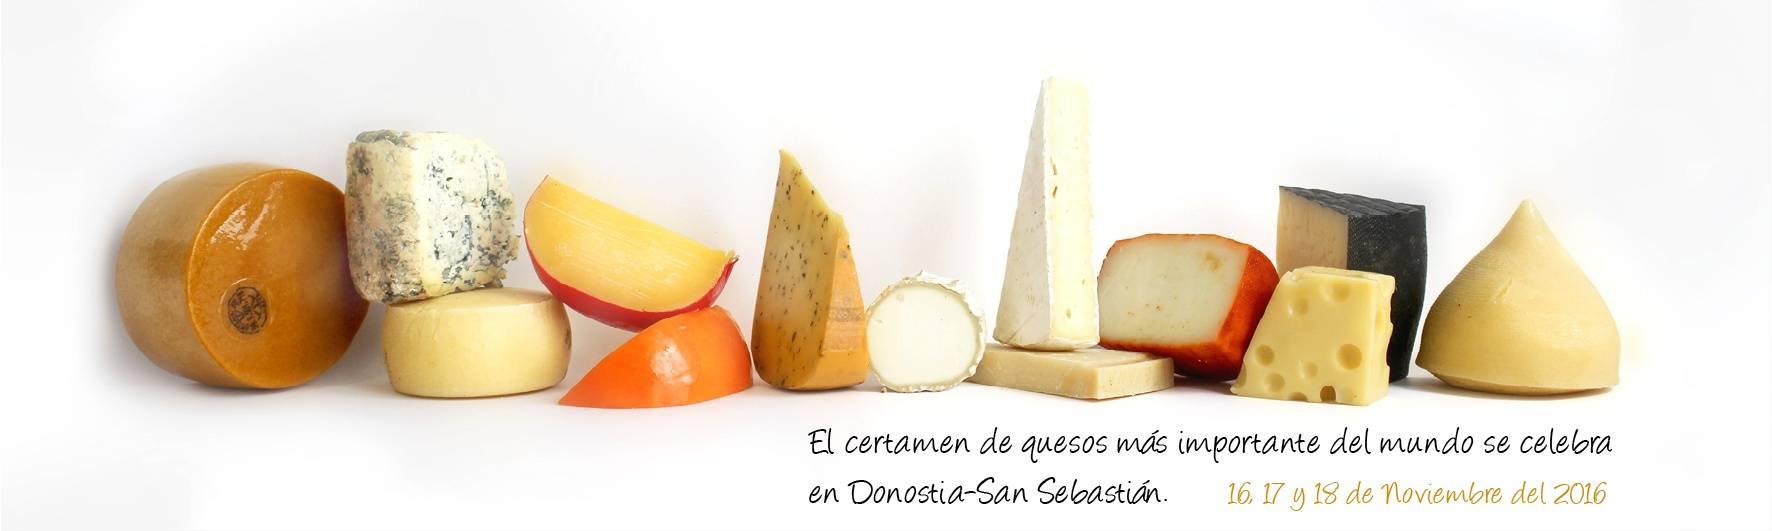 certamen queso del mundo - Los quesos de Herencia luchan entre 3.000 quesos en el International Cheese Festival